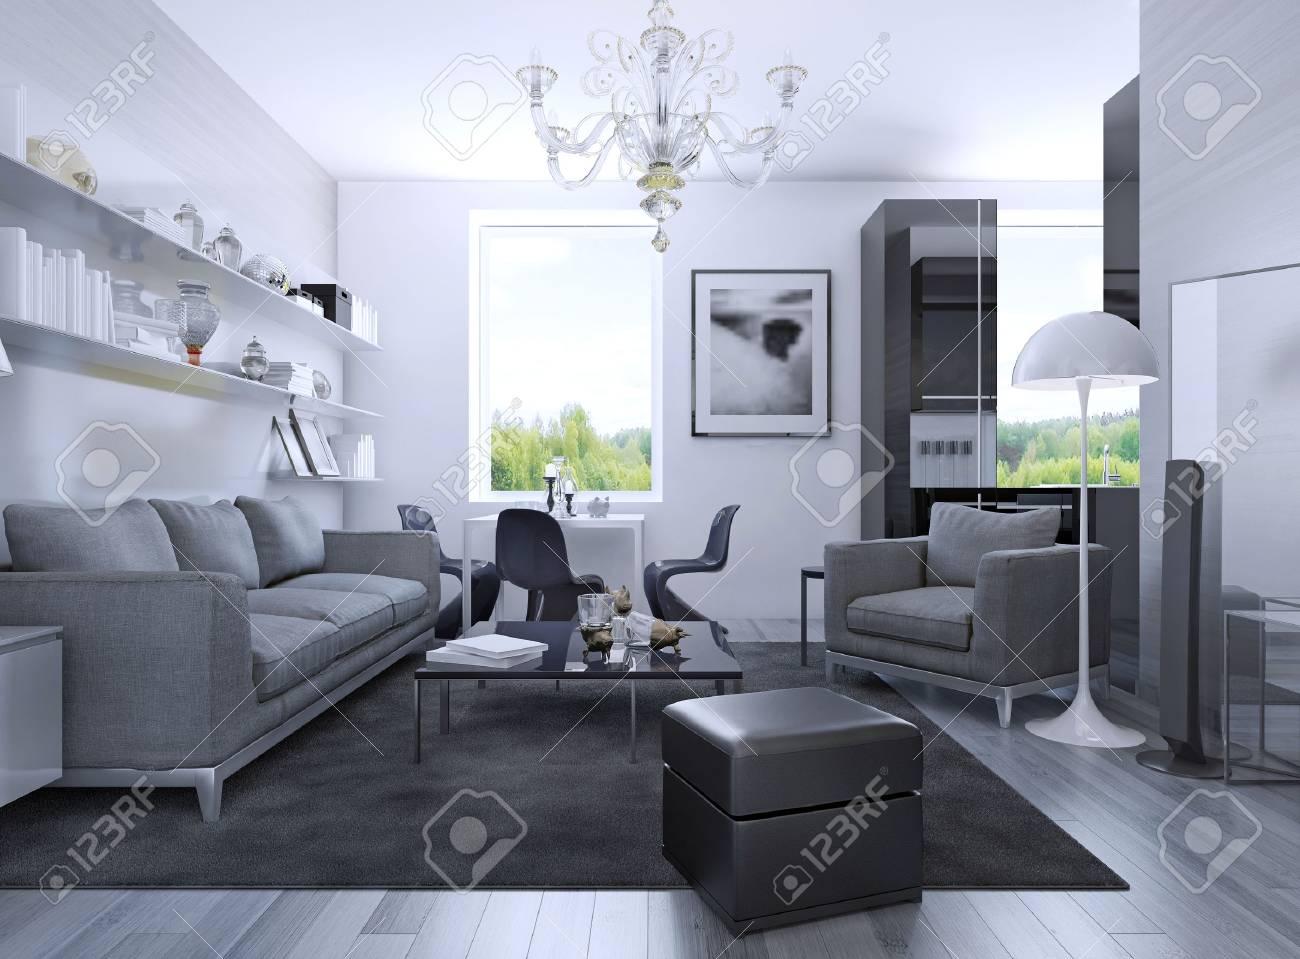 Wohnung studio in art deco stil. 3d übertragen lizenzfreie fotos